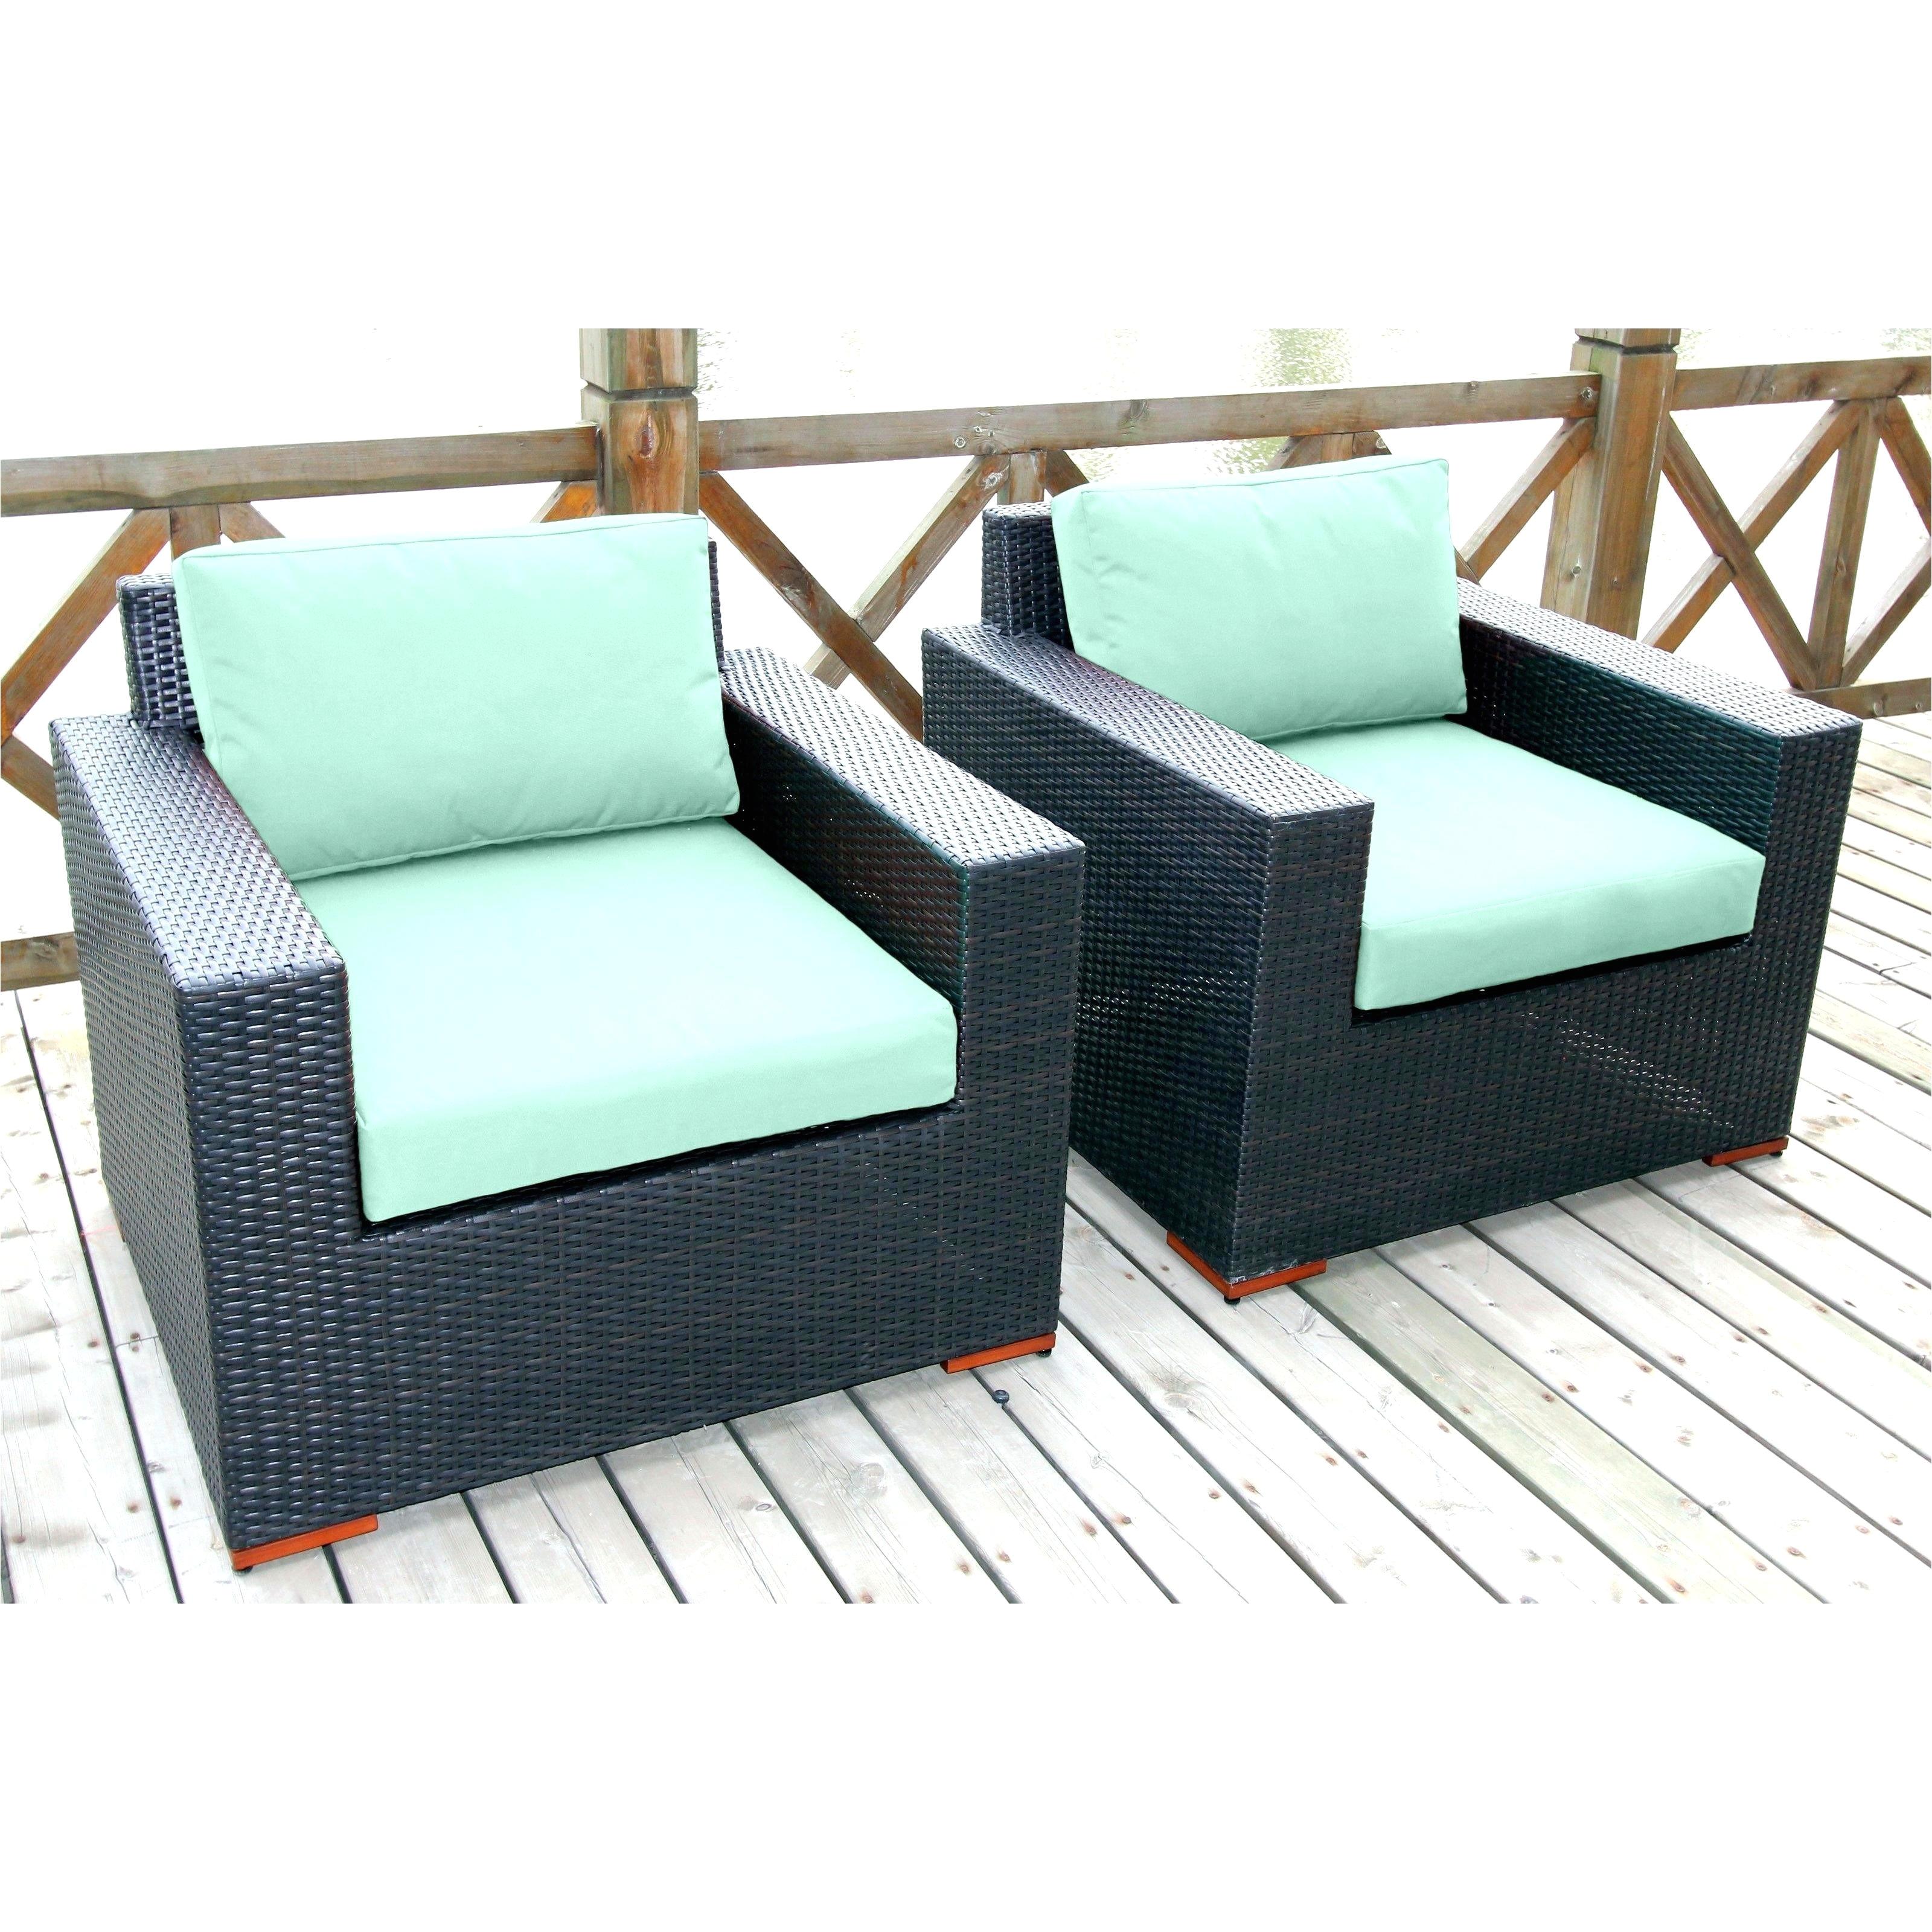 Sams Club Folding Lounge Chairs Home Design Sams Club Patio Fresh Patio  Furniture Cushions 24×